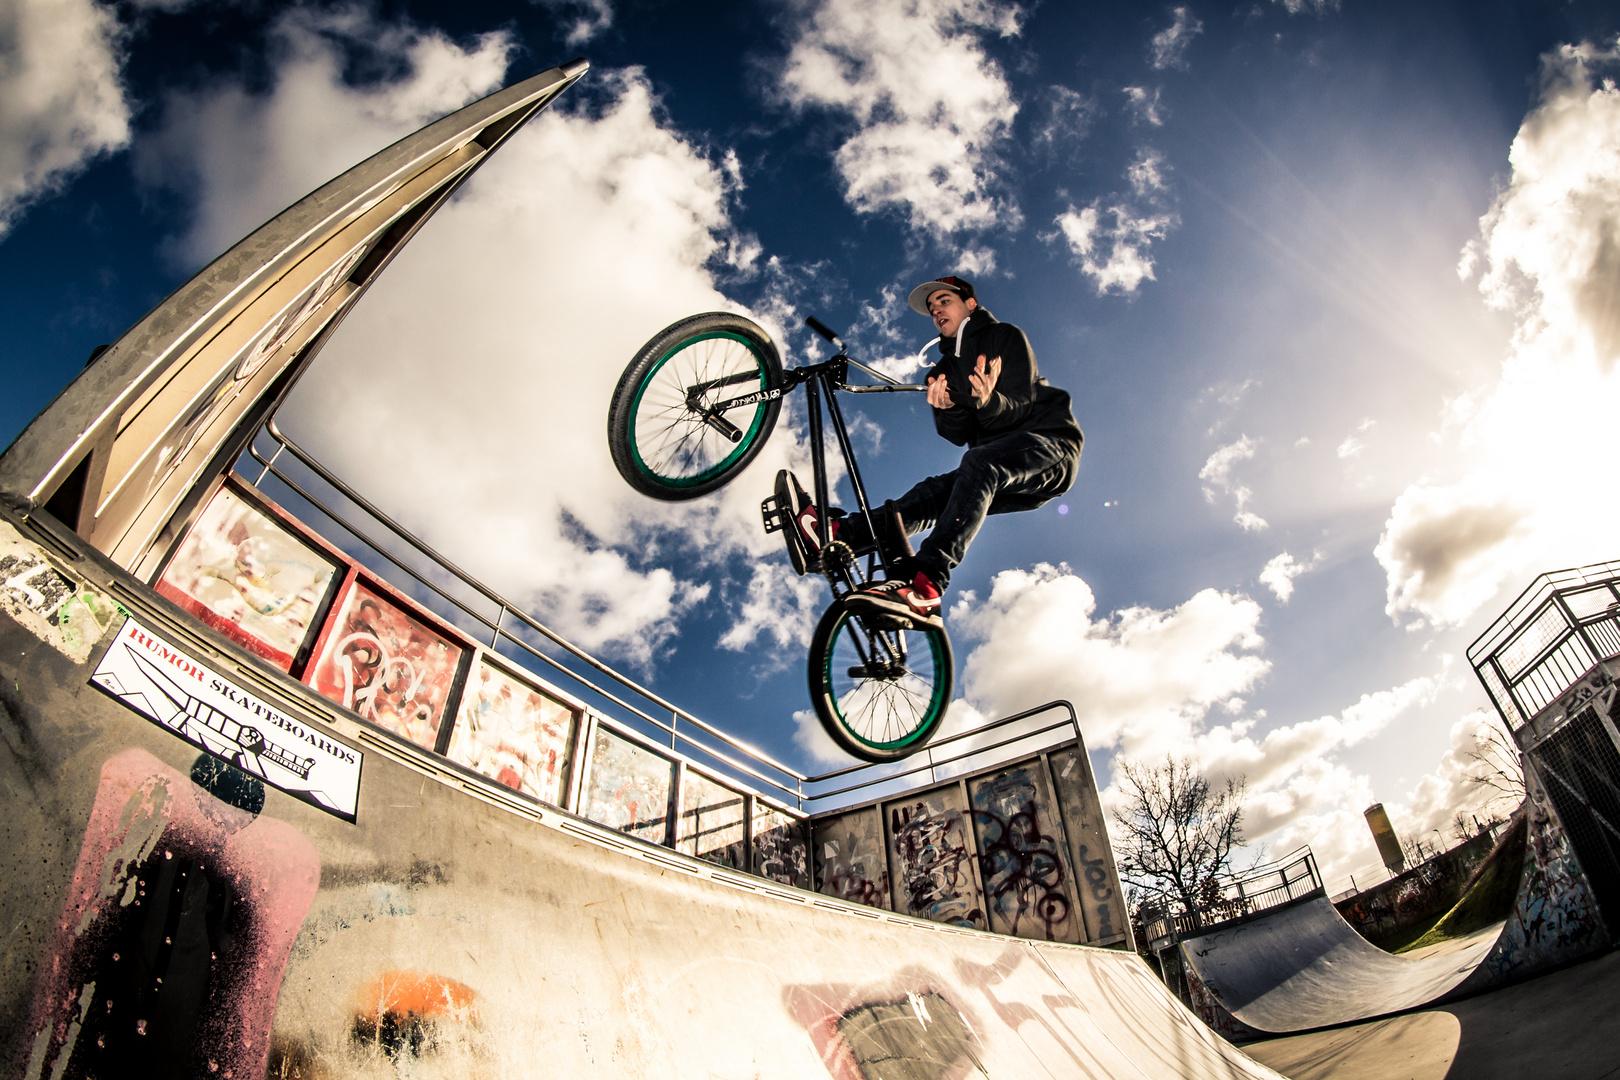 Nik - Barspin to Tailtap (Skatepark Coesfeld)